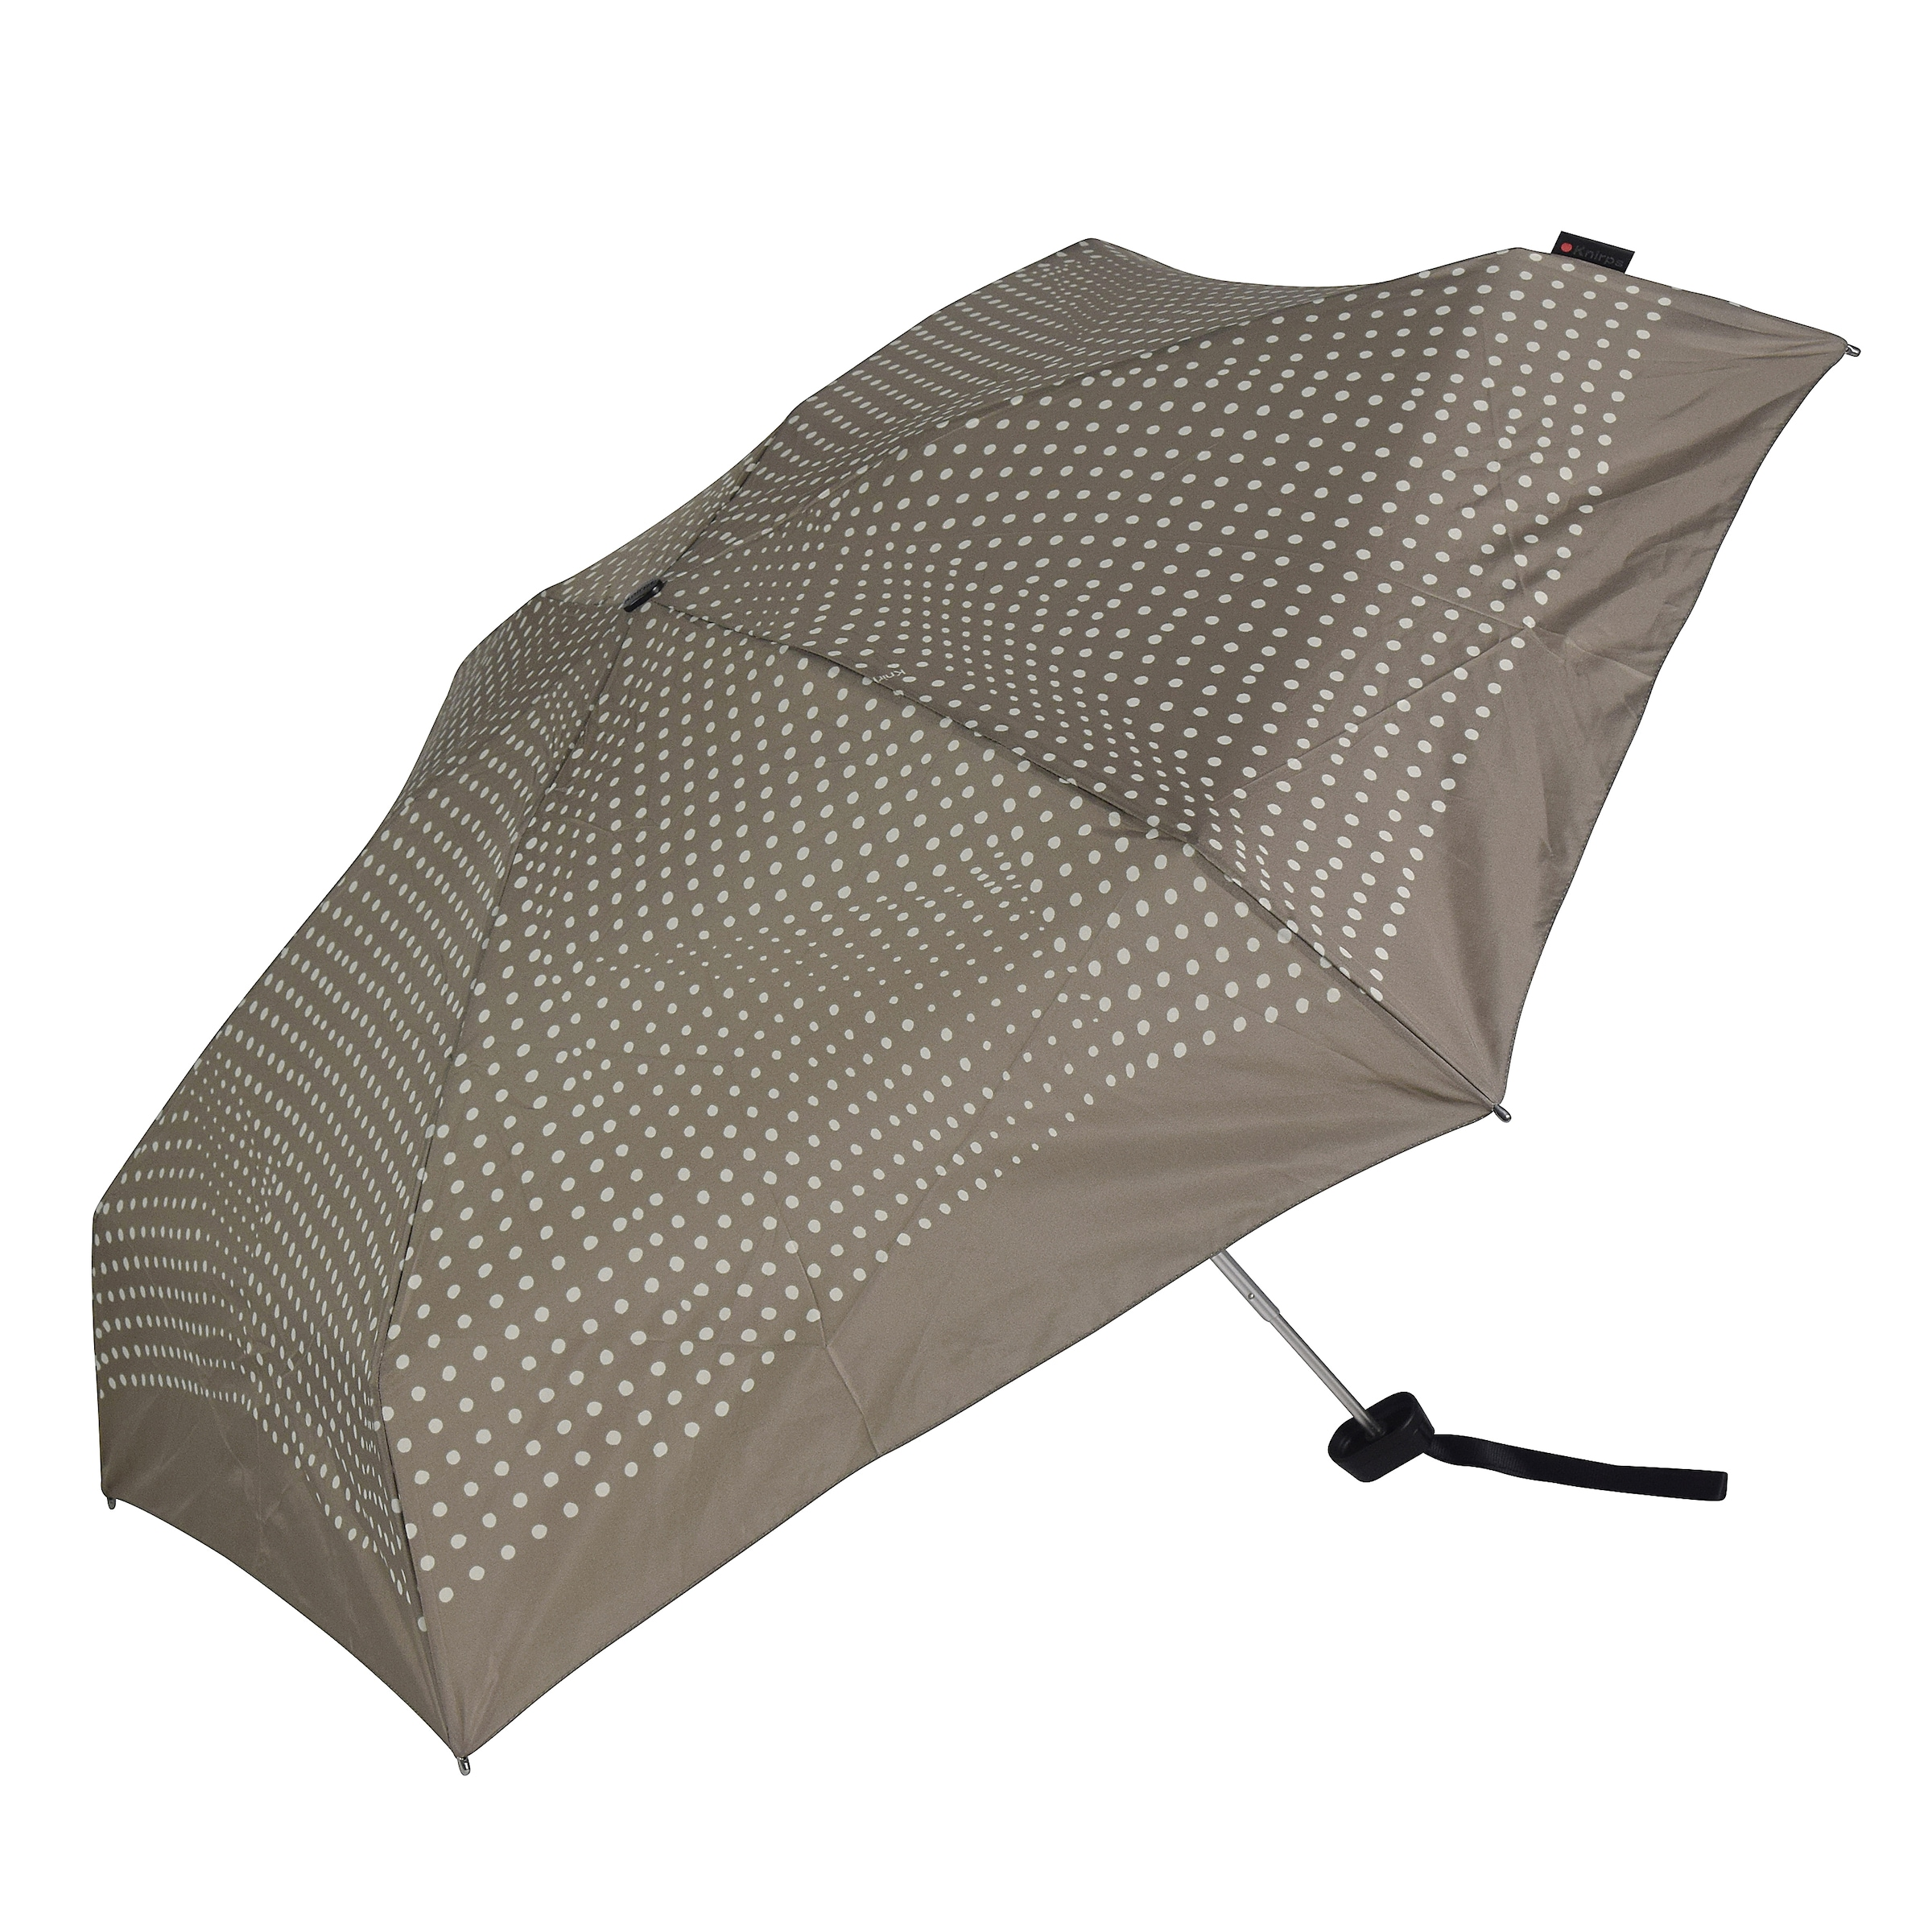 'ts Small 010 Knirps Manual' Parapluie TaupeBlanc En bygI6m7Yfv